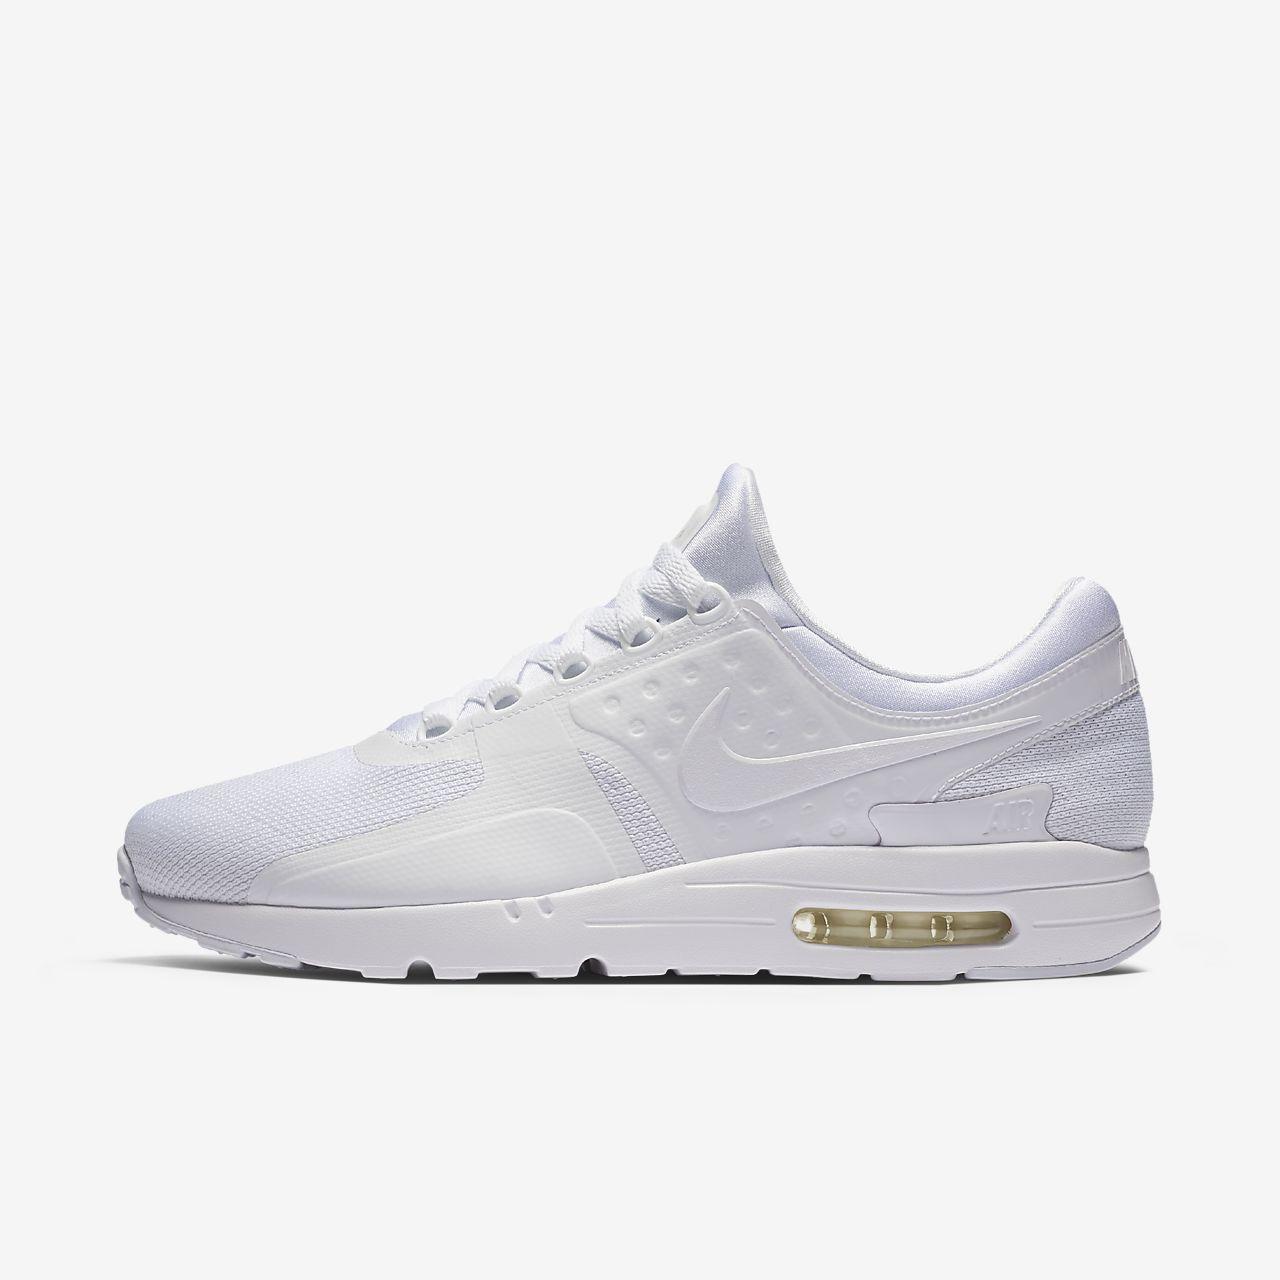 Bestseller Verkauf Online Kaufen Preiswerte Qualität Nike Air Max Zero - Damen Schuhe Black Größe 38.5 Outlet Beliebt Rabatt Eastbay IRsW02